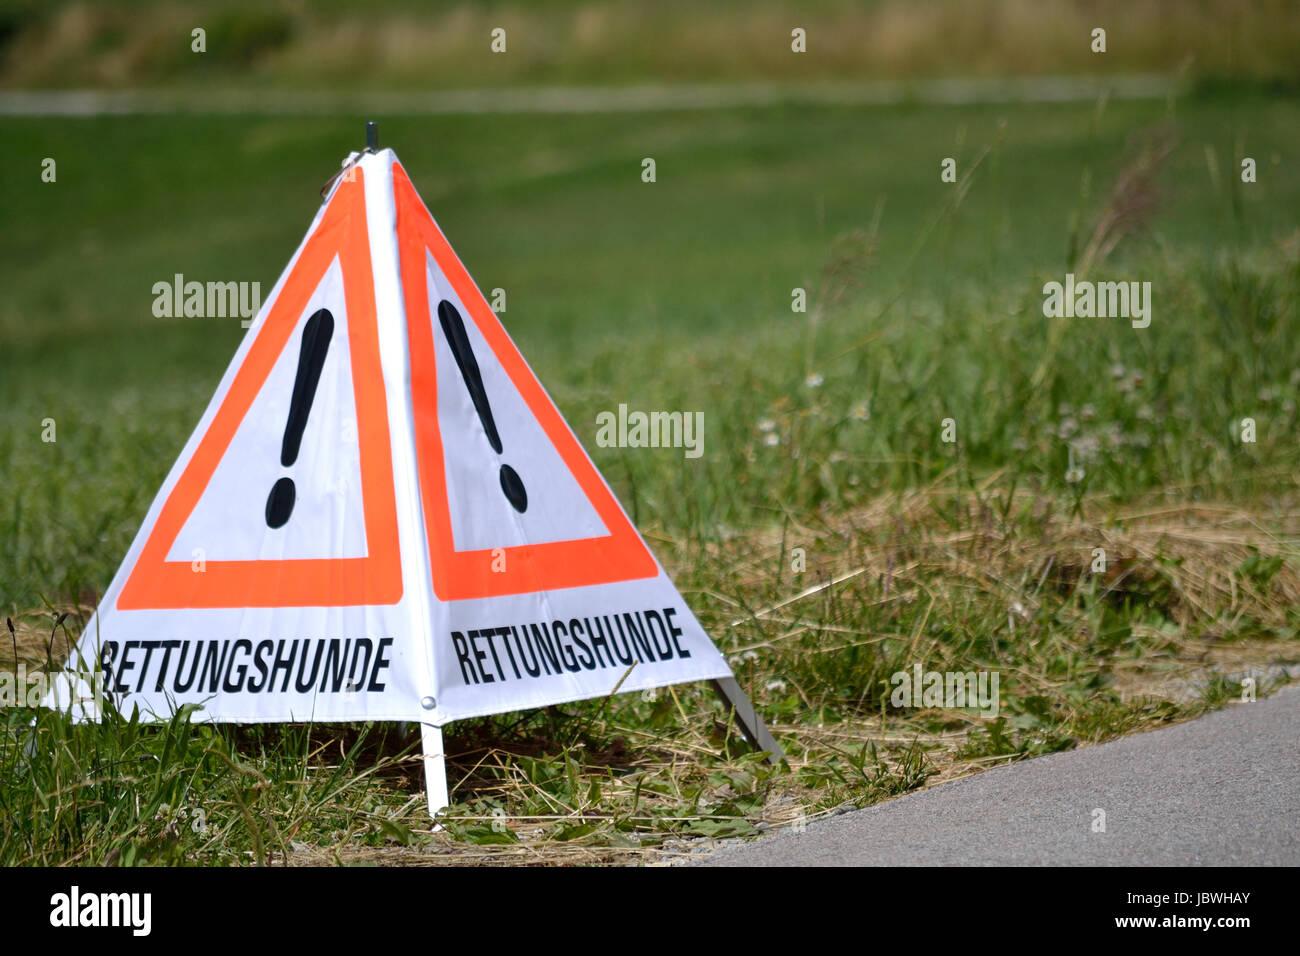 am Strassenrand aufgestelltes spezielles Warndreieck zwecks Rettungshundeeinsatz Stock Photo